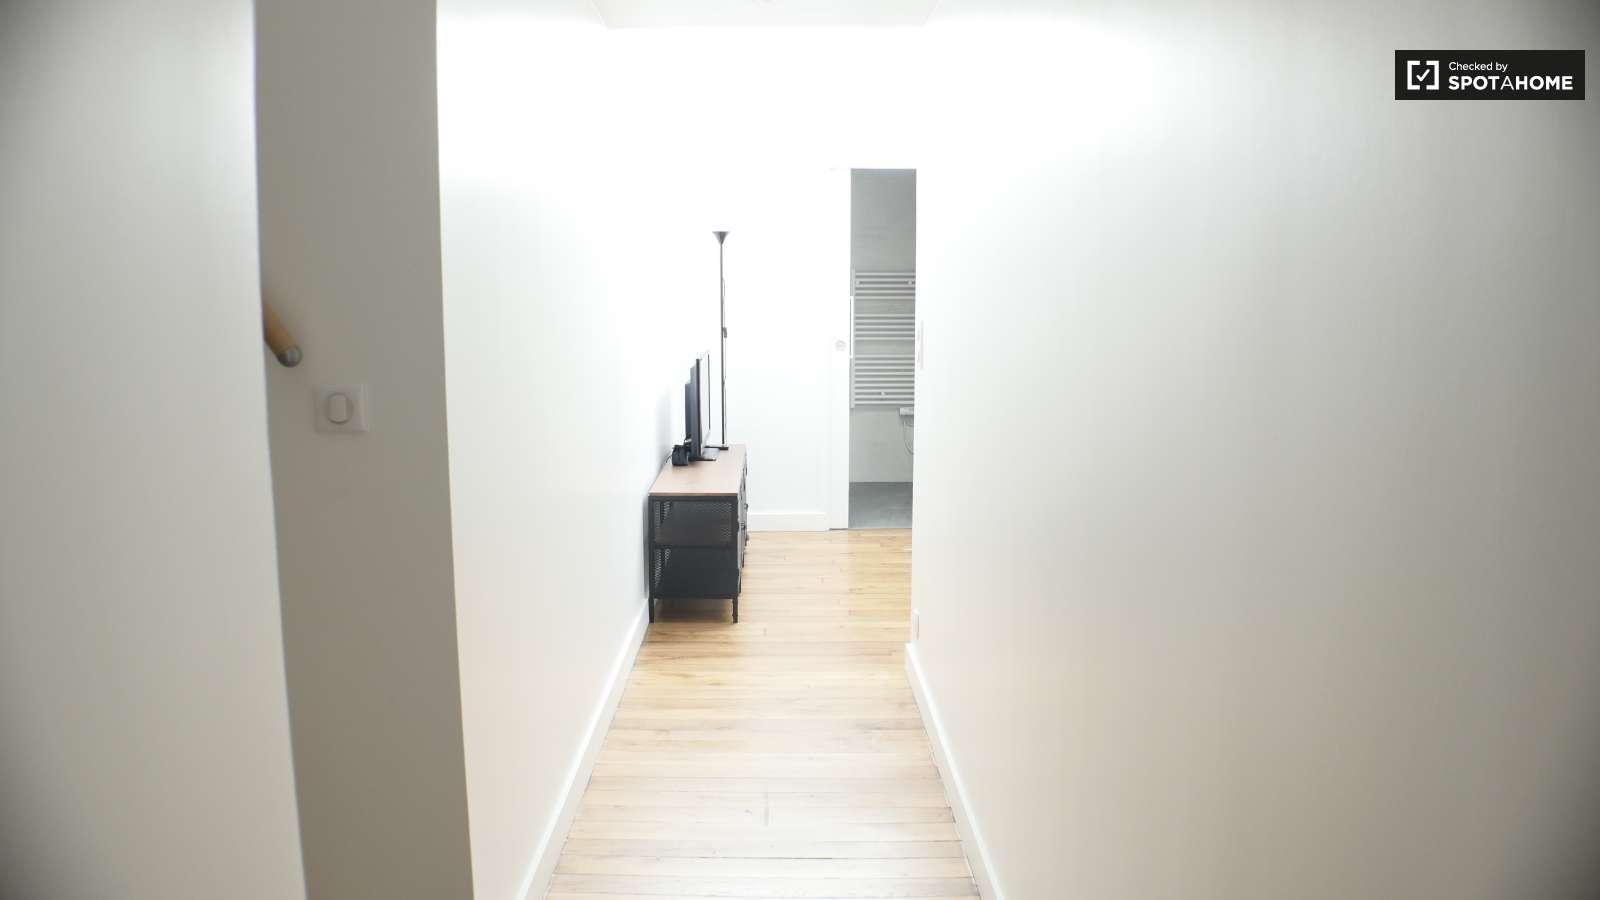 Studio apartment for rent in Paris 16 (ref: 209032) | Spotahome